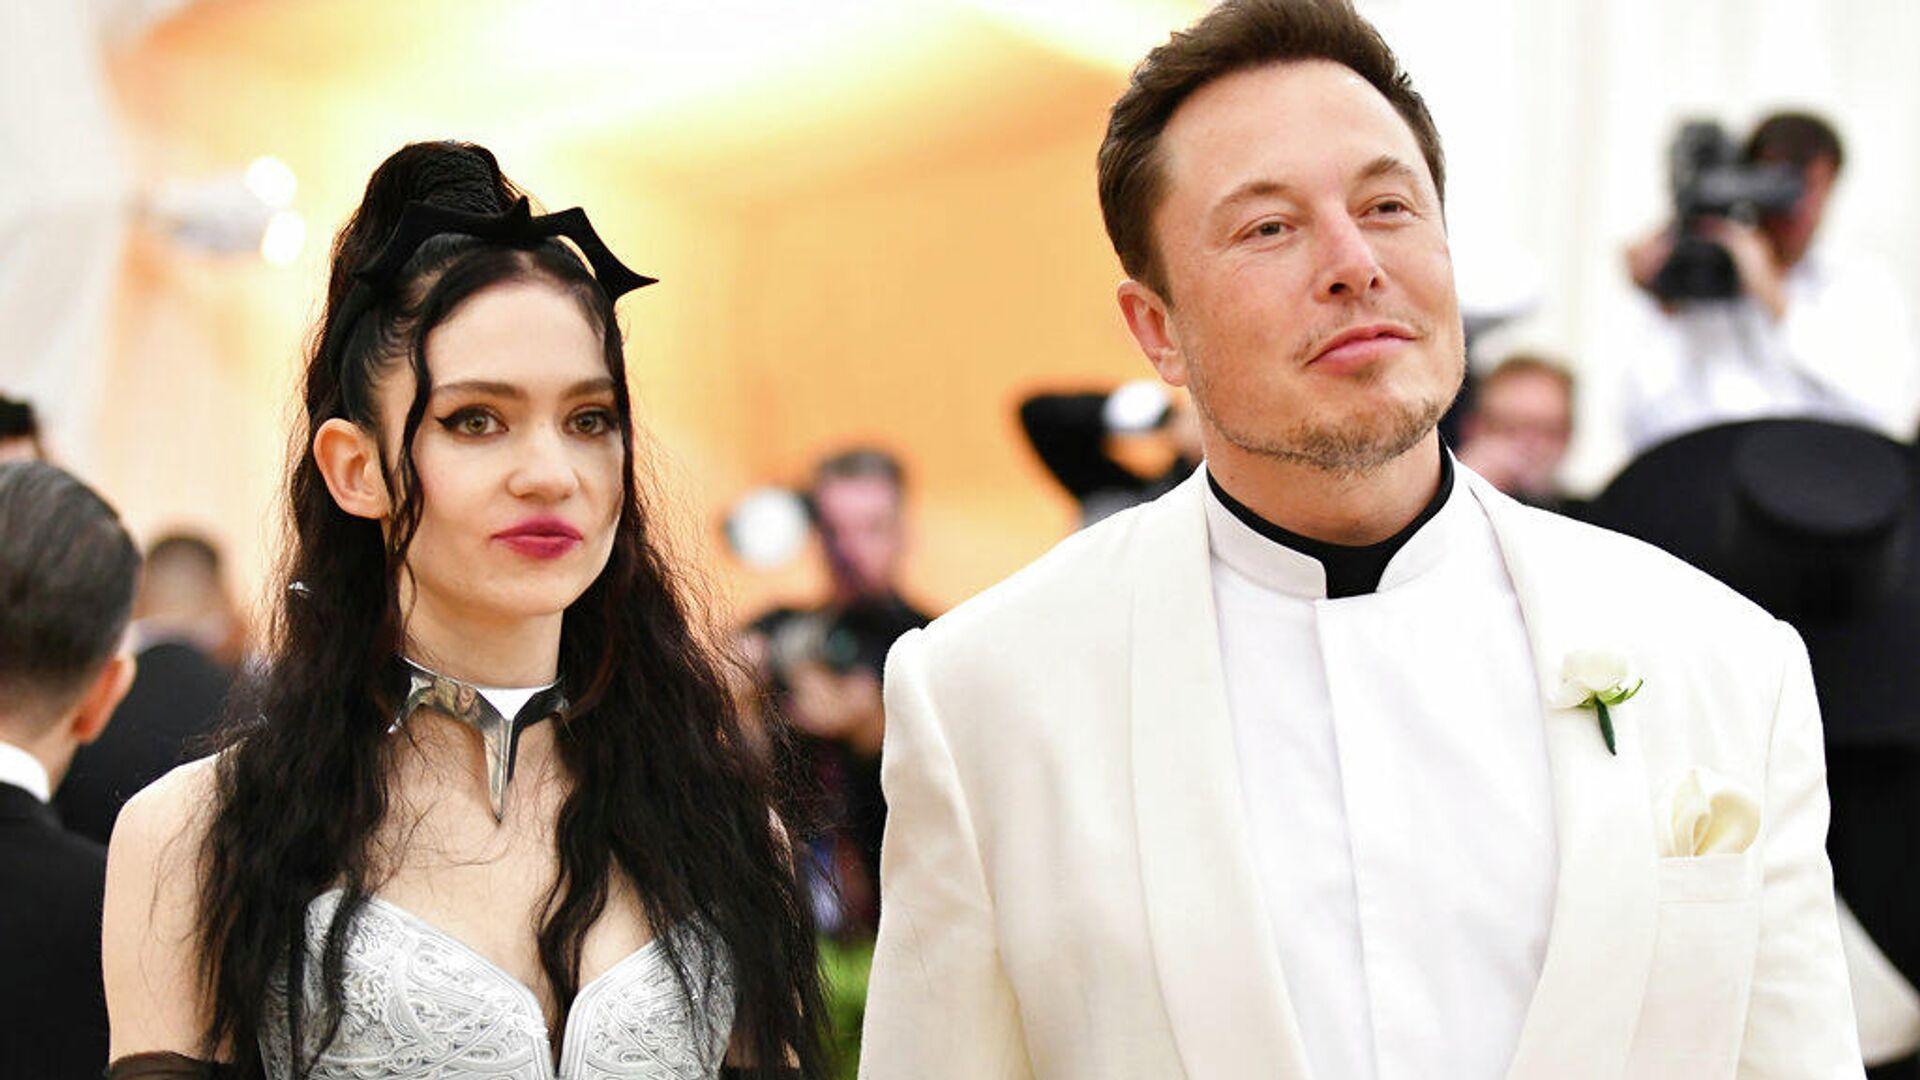 Grimes, cantante canadiense, y Elon Musk, fundador de Tesla y SpaceX - Sputnik Mundo, 1920, 24.09.2021